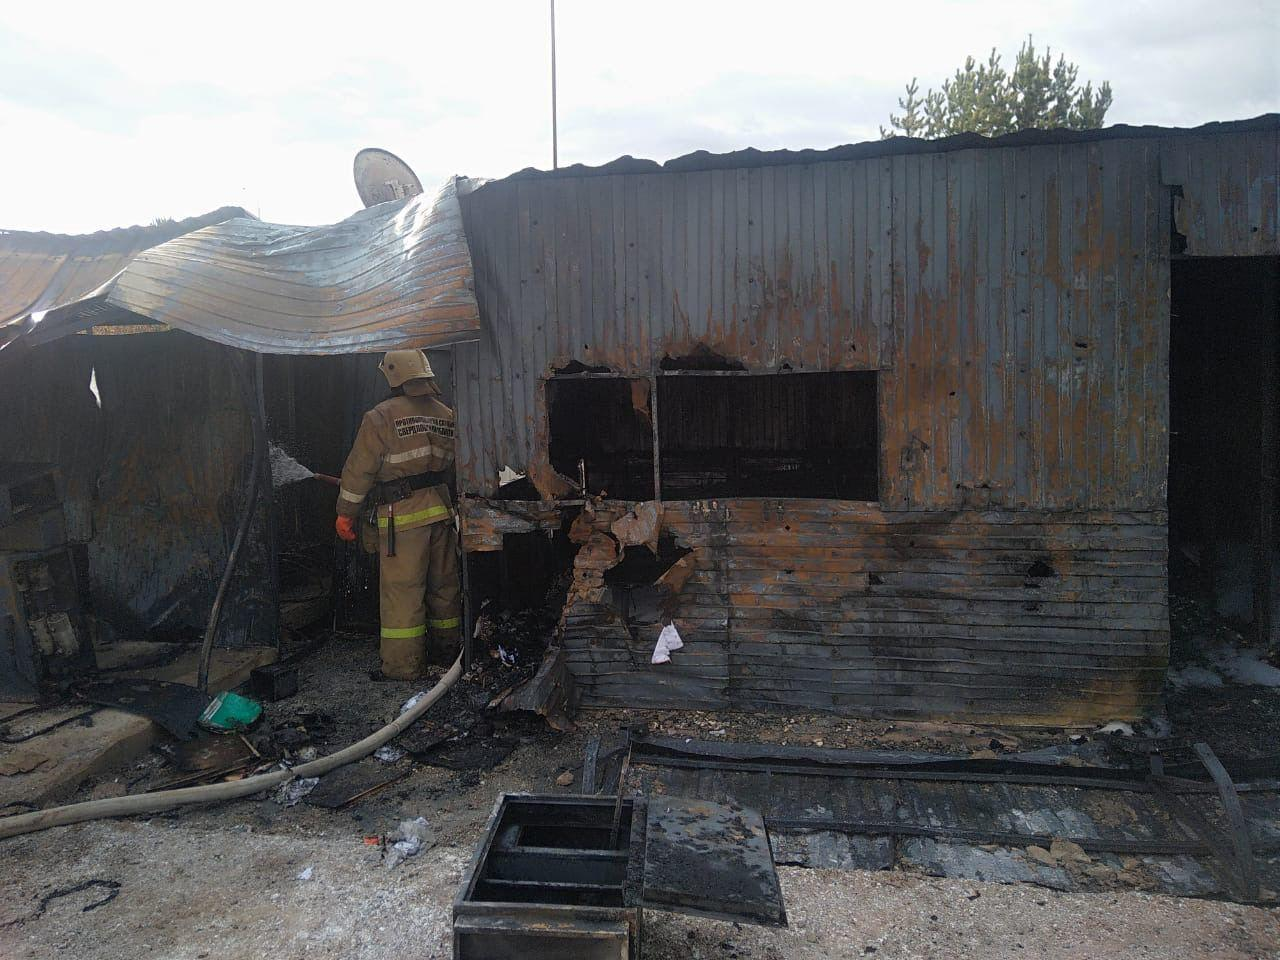 Один человек пострадал при пожаре на заправке в Свердловской области